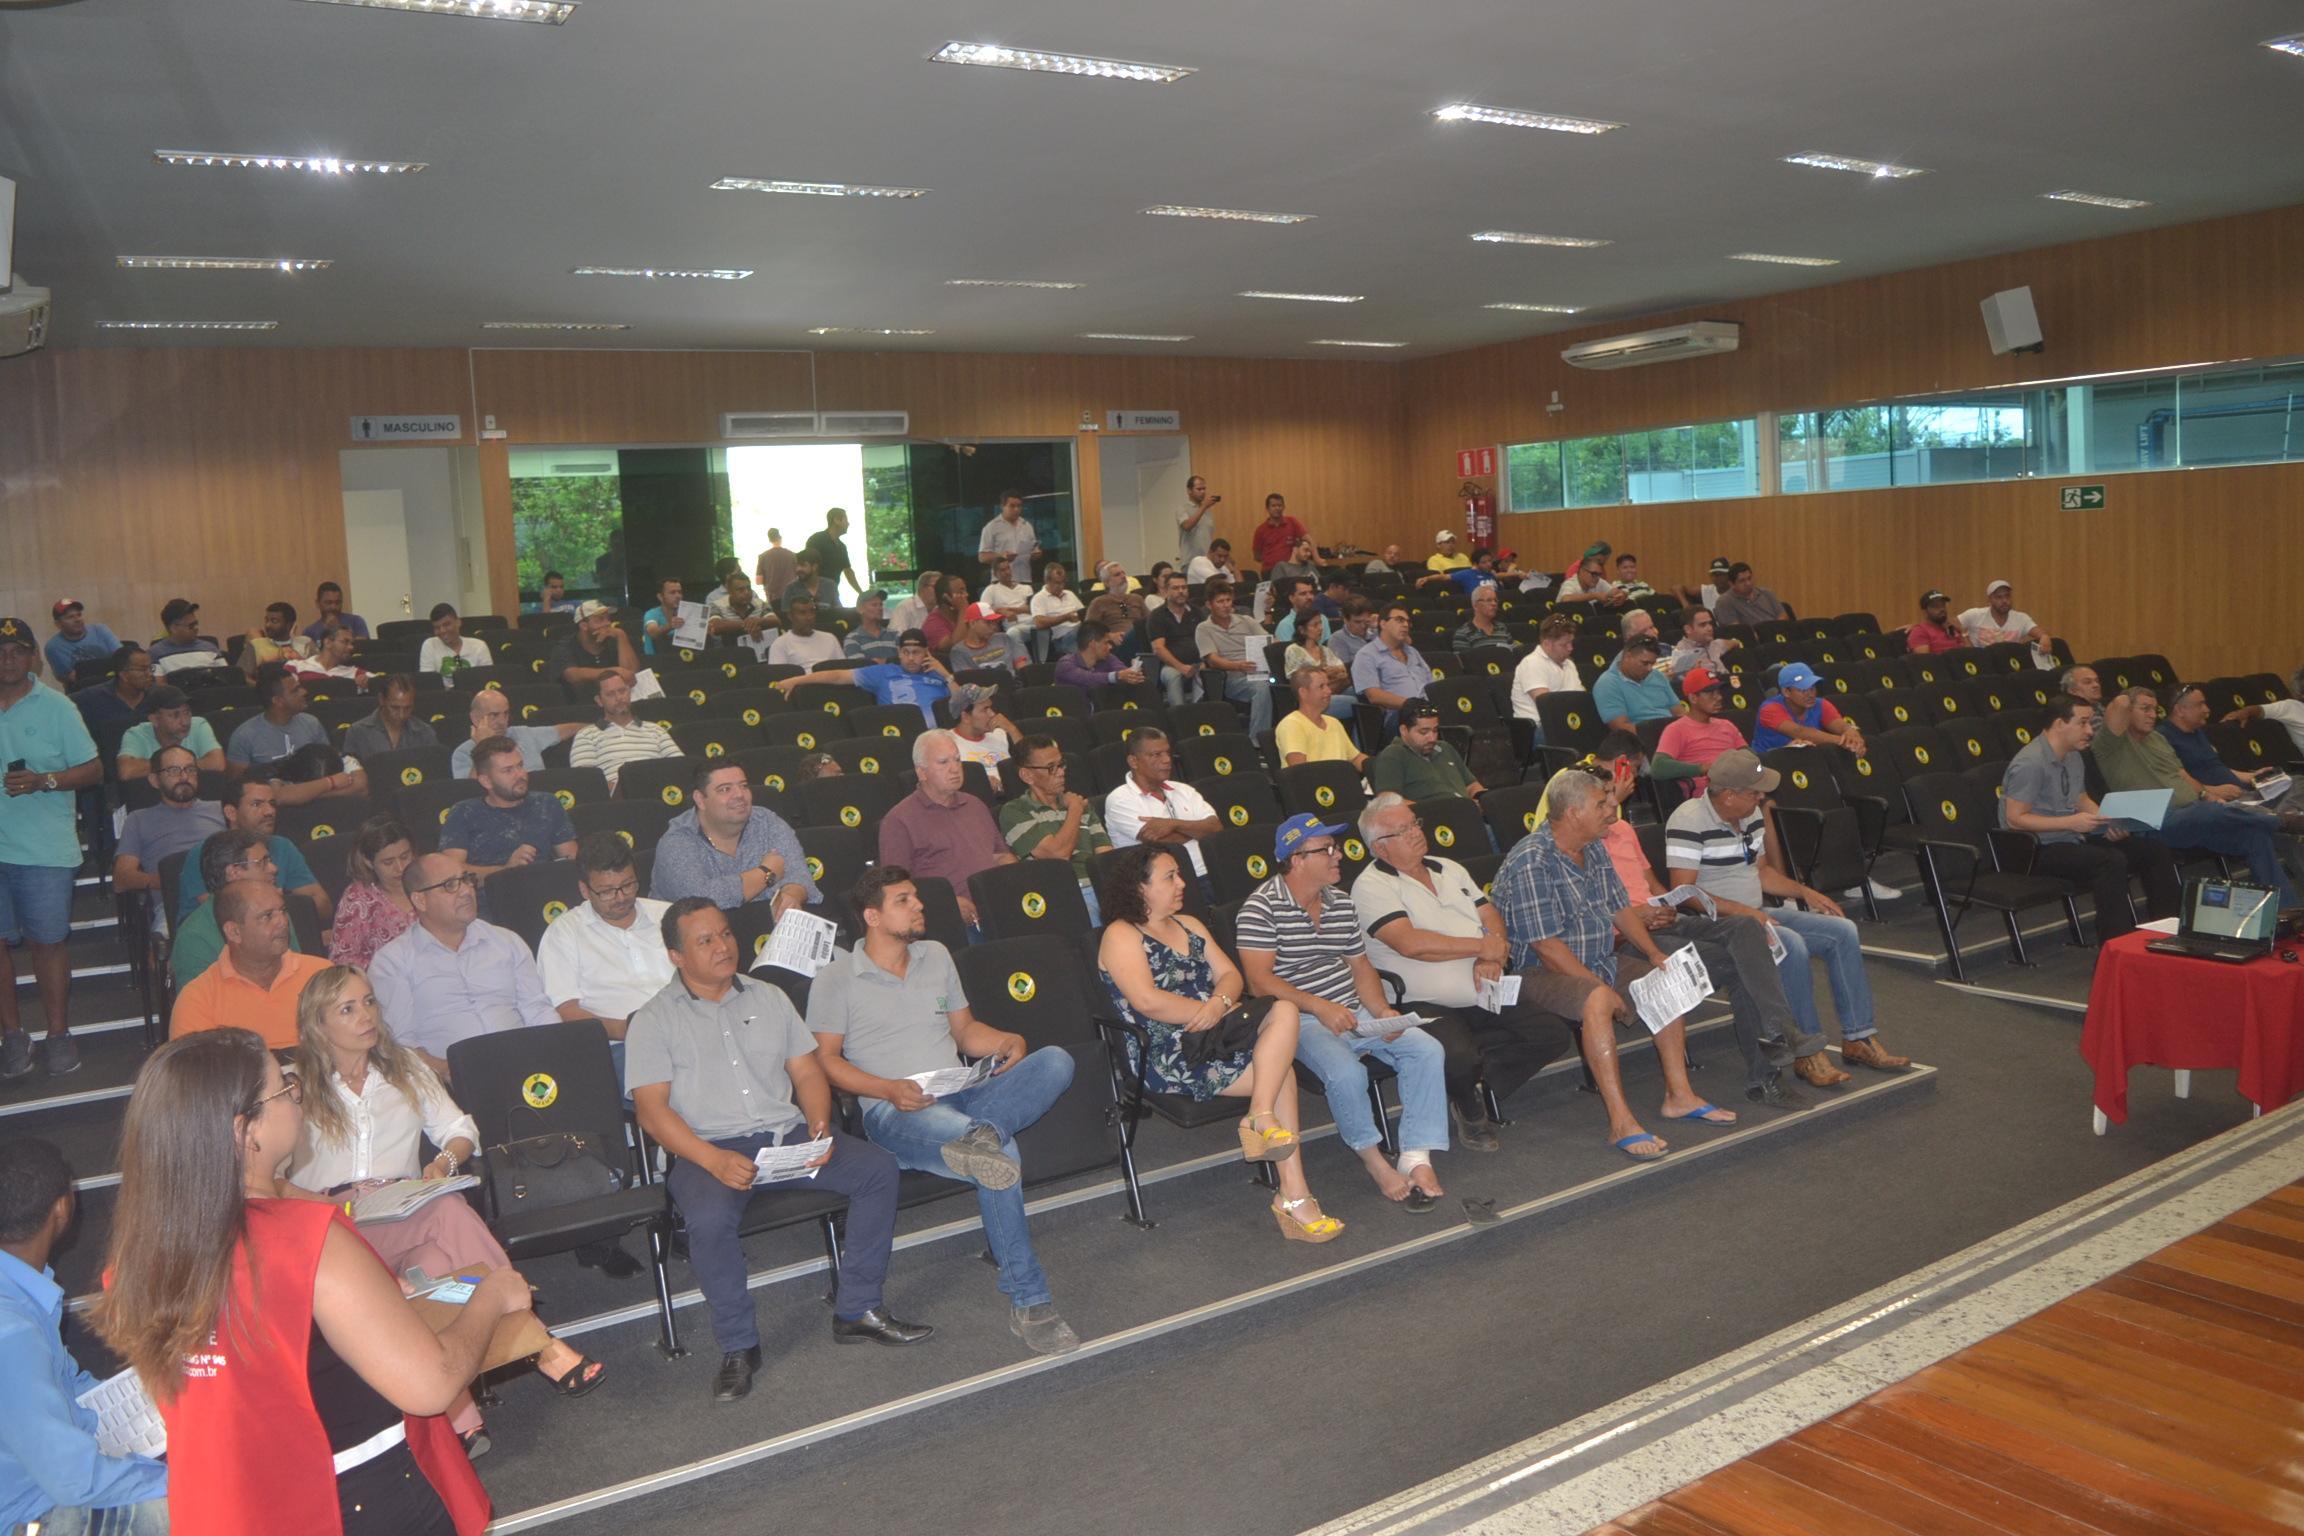 Imagem de destaque Leilão de bens inservíveis da Prefeitura arrecadou R$ 464 mil